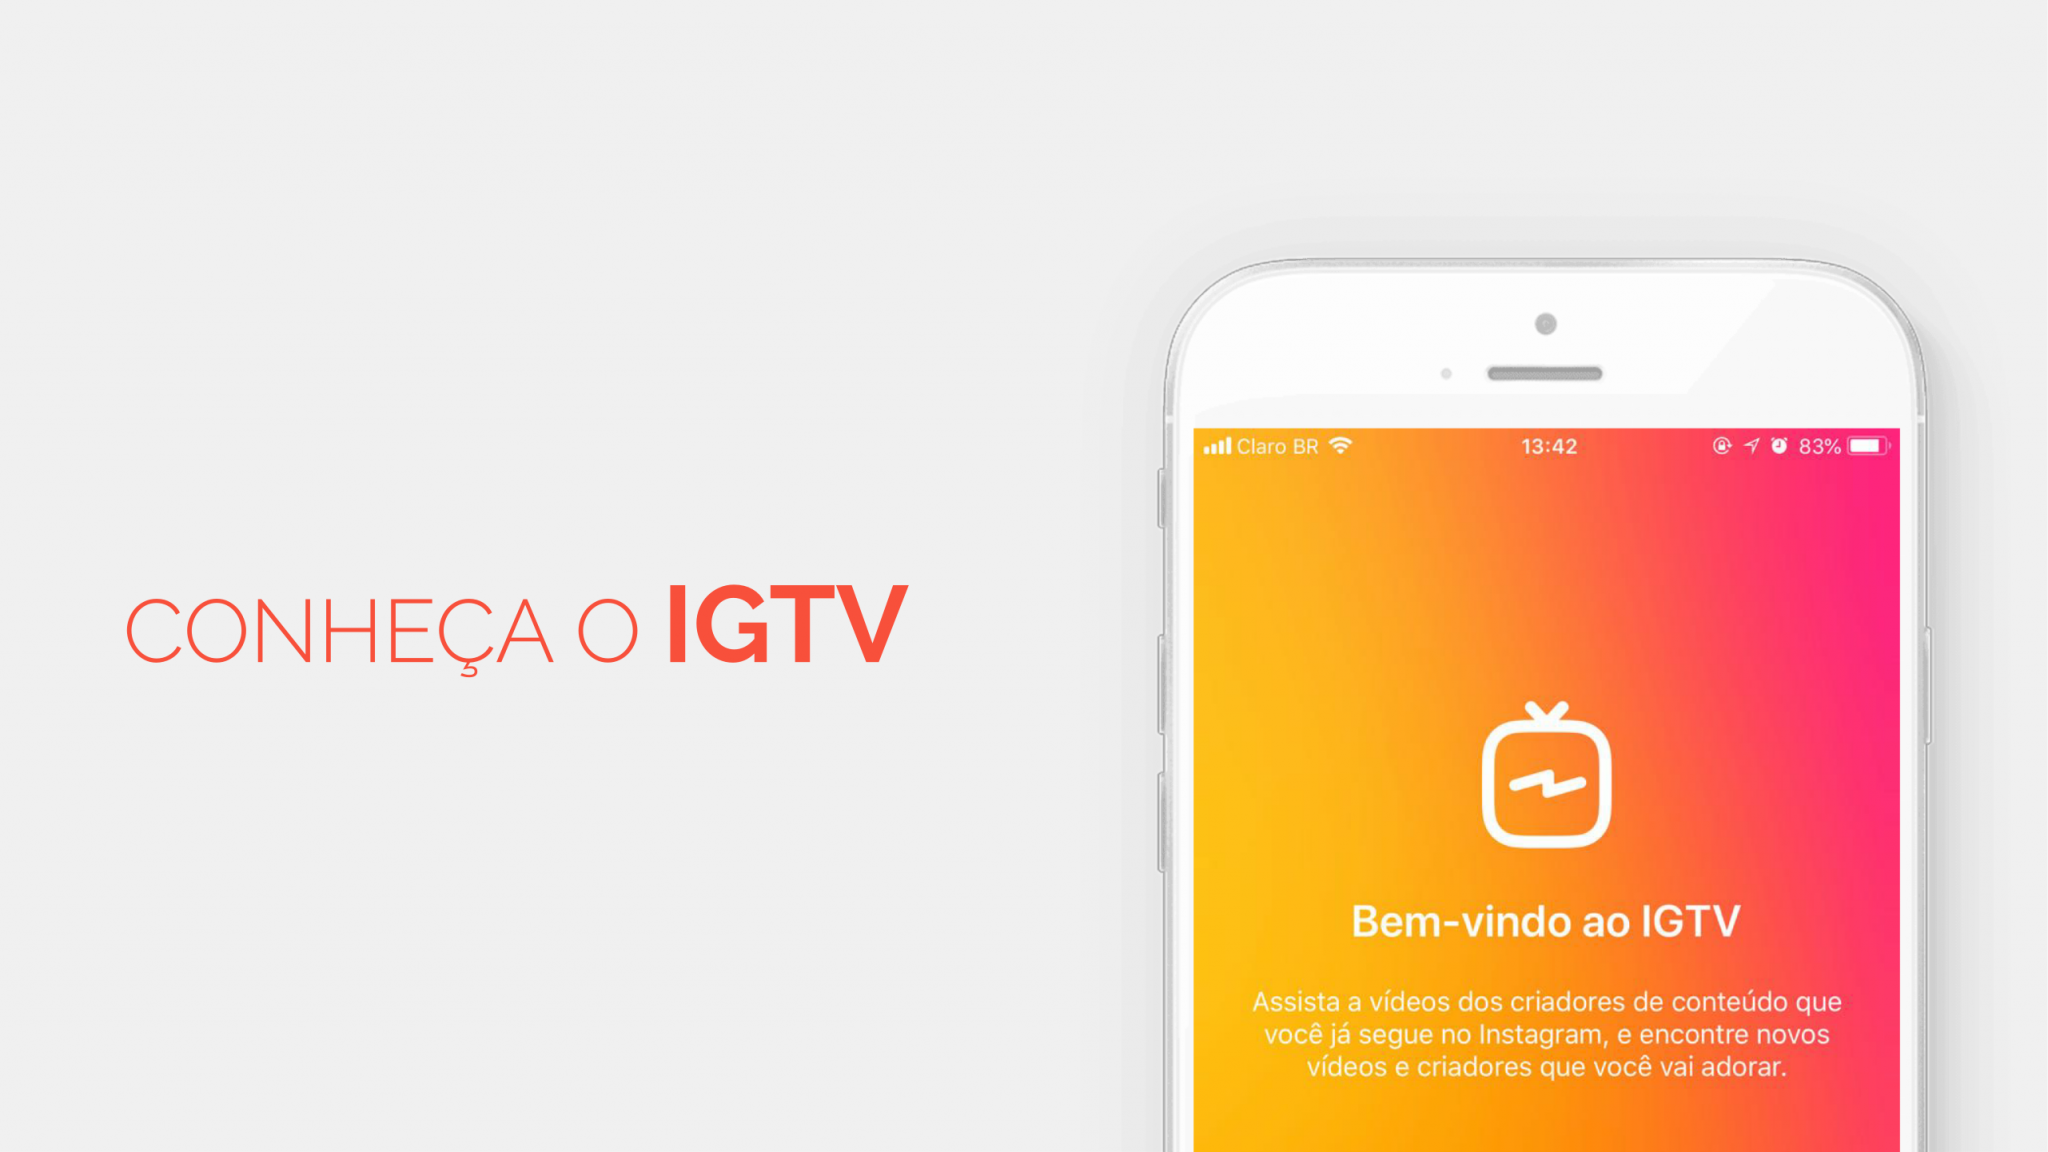 Conheça o IGTV